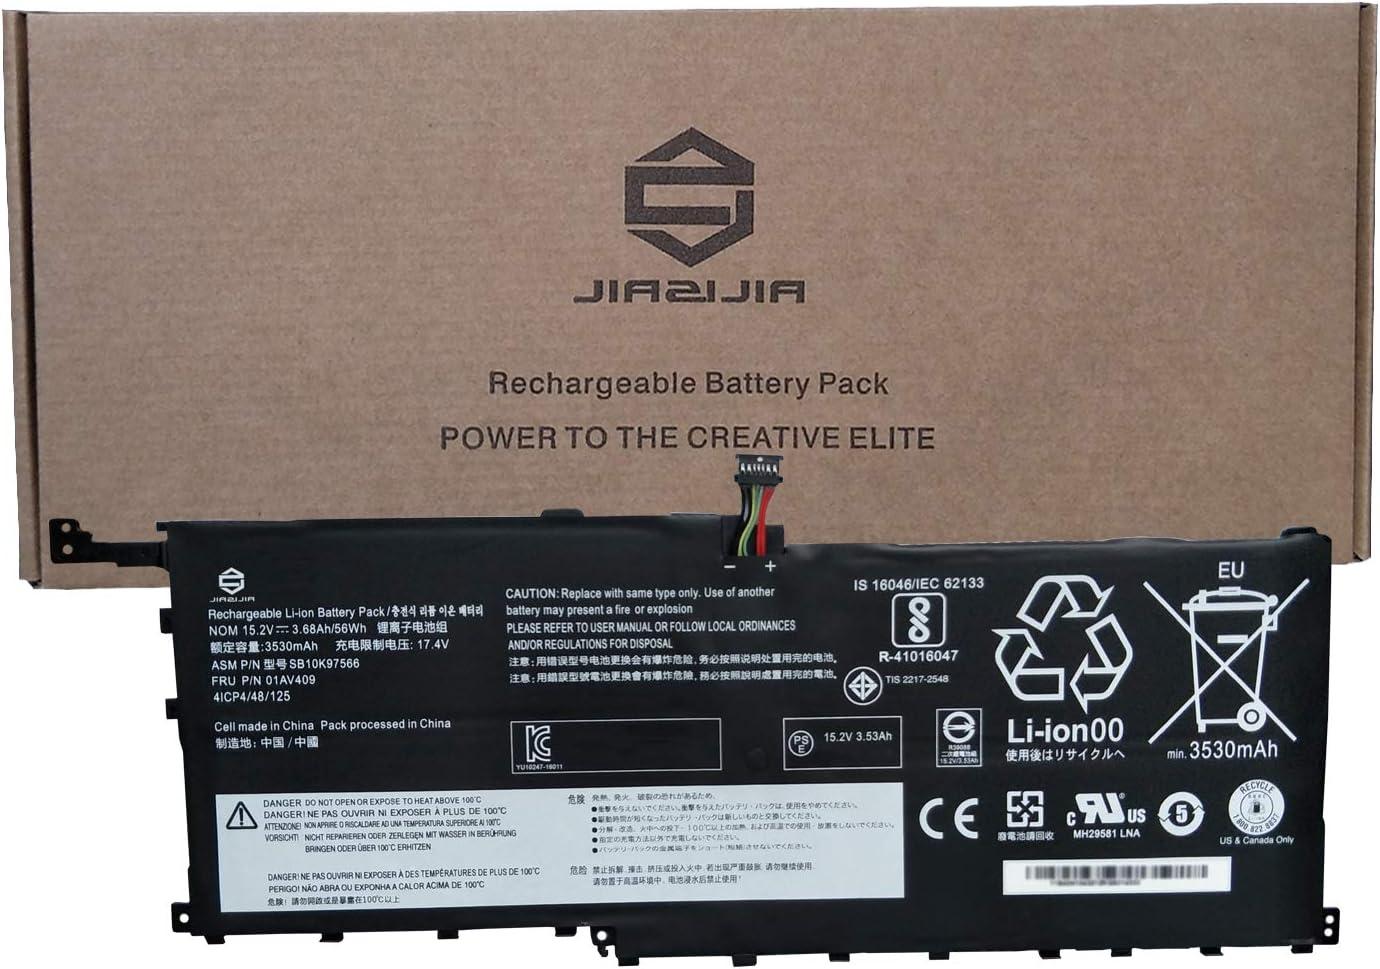 JIAZIJIA 01AV409 Laptop Battery Replacement for Lenovo ThinkPad X1 Yoga 1st 2nd Gen X1 Carbon 4th Gen Series SB10K97566 00HW028 01AV457 01AV441 01AV439 01AV410 00HW029 01AV458 01AV438 15.2V 56Wh